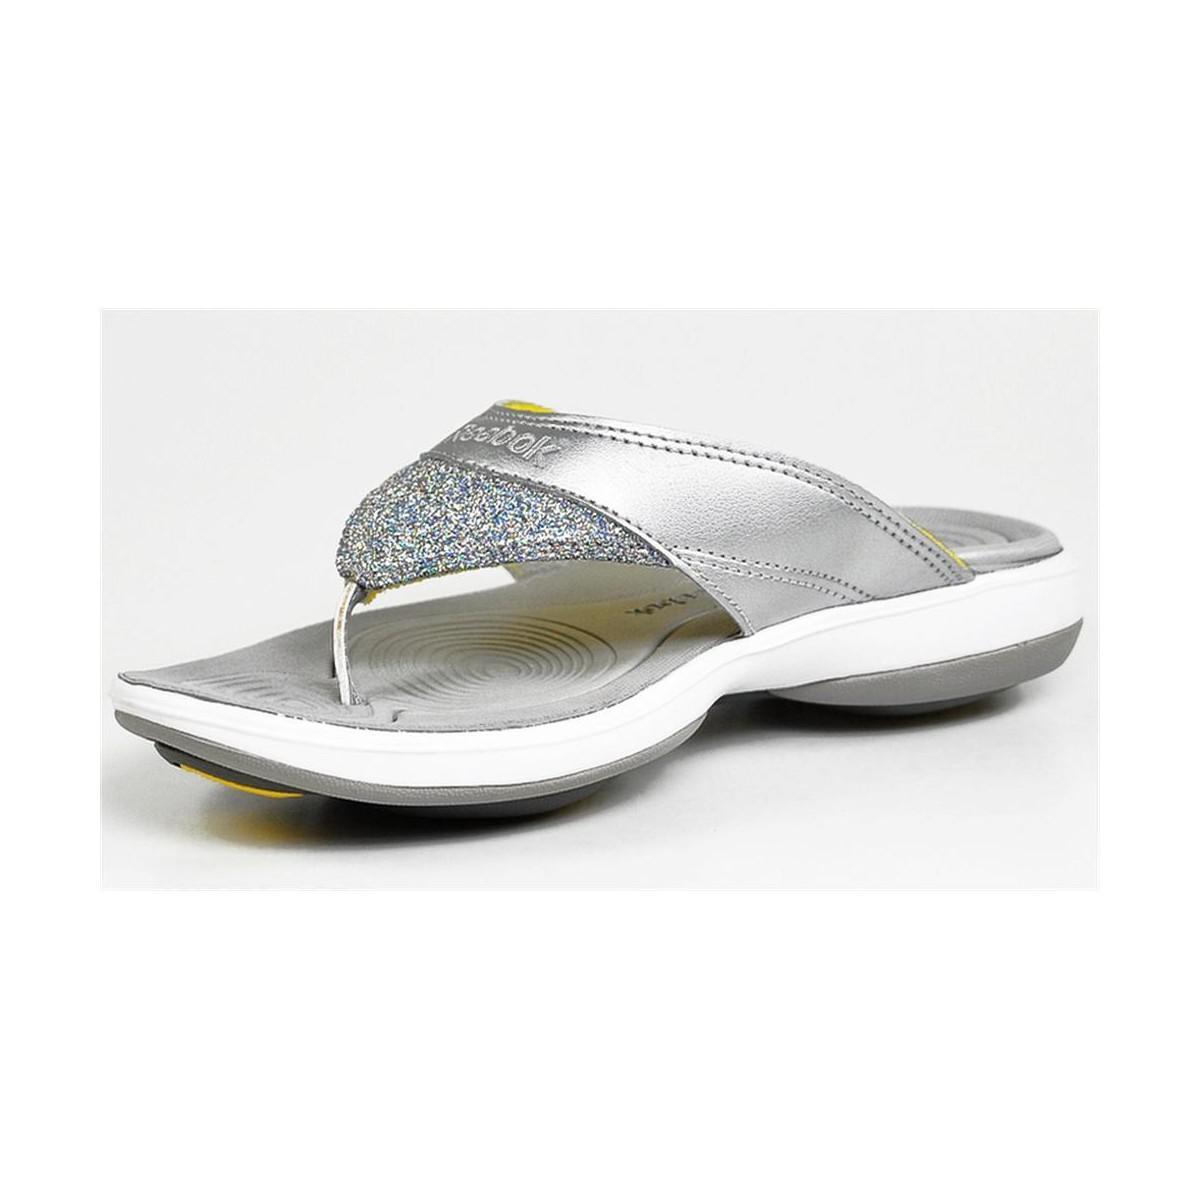 ad363e28c25b Reebok Easytone Flip Iii Women s Flip Flops   Sandals (shoes) In ...